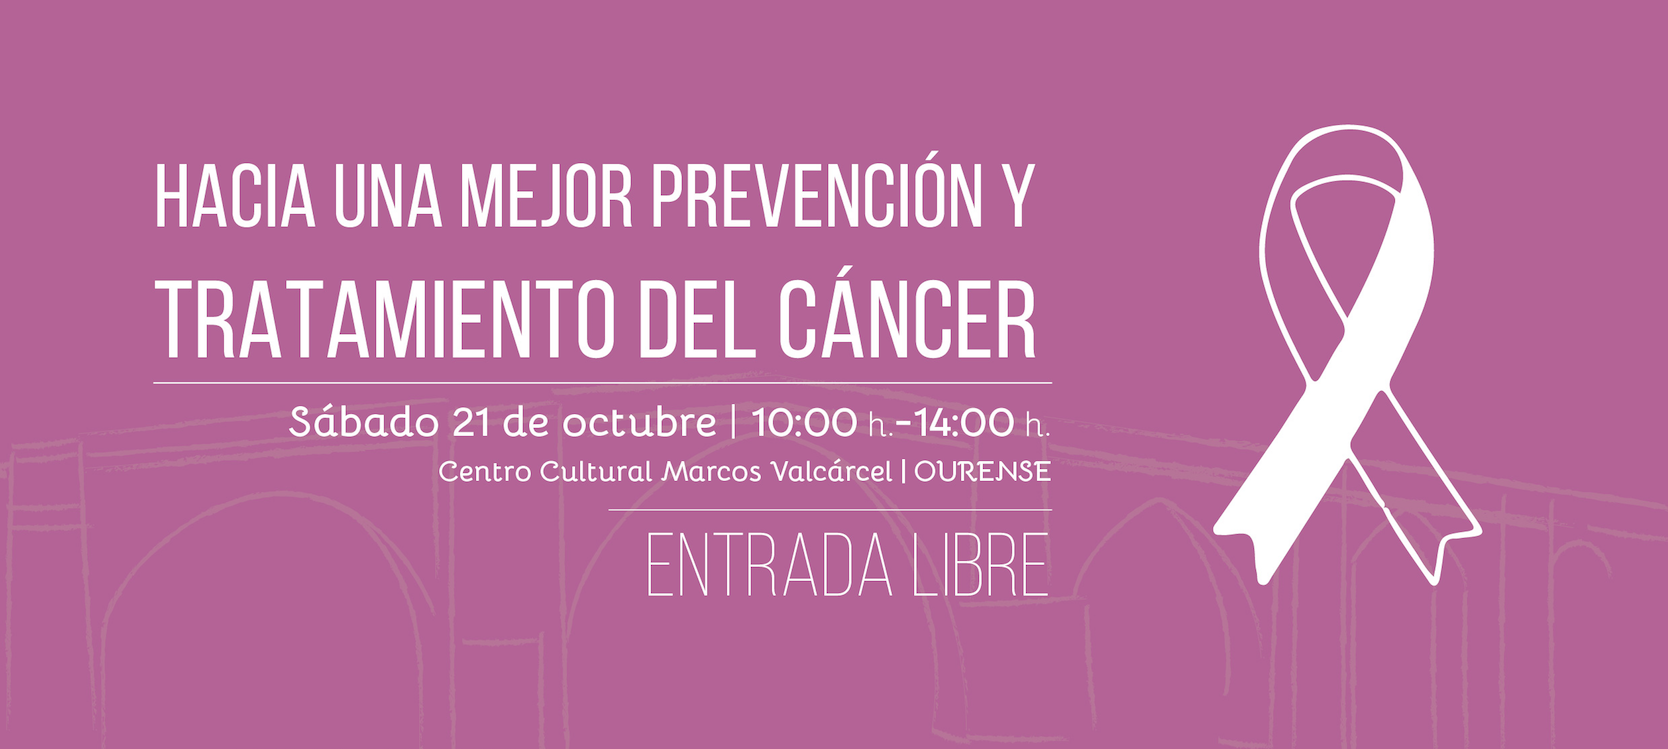 jornada-prevencion-y-tratamiento-del-cancer